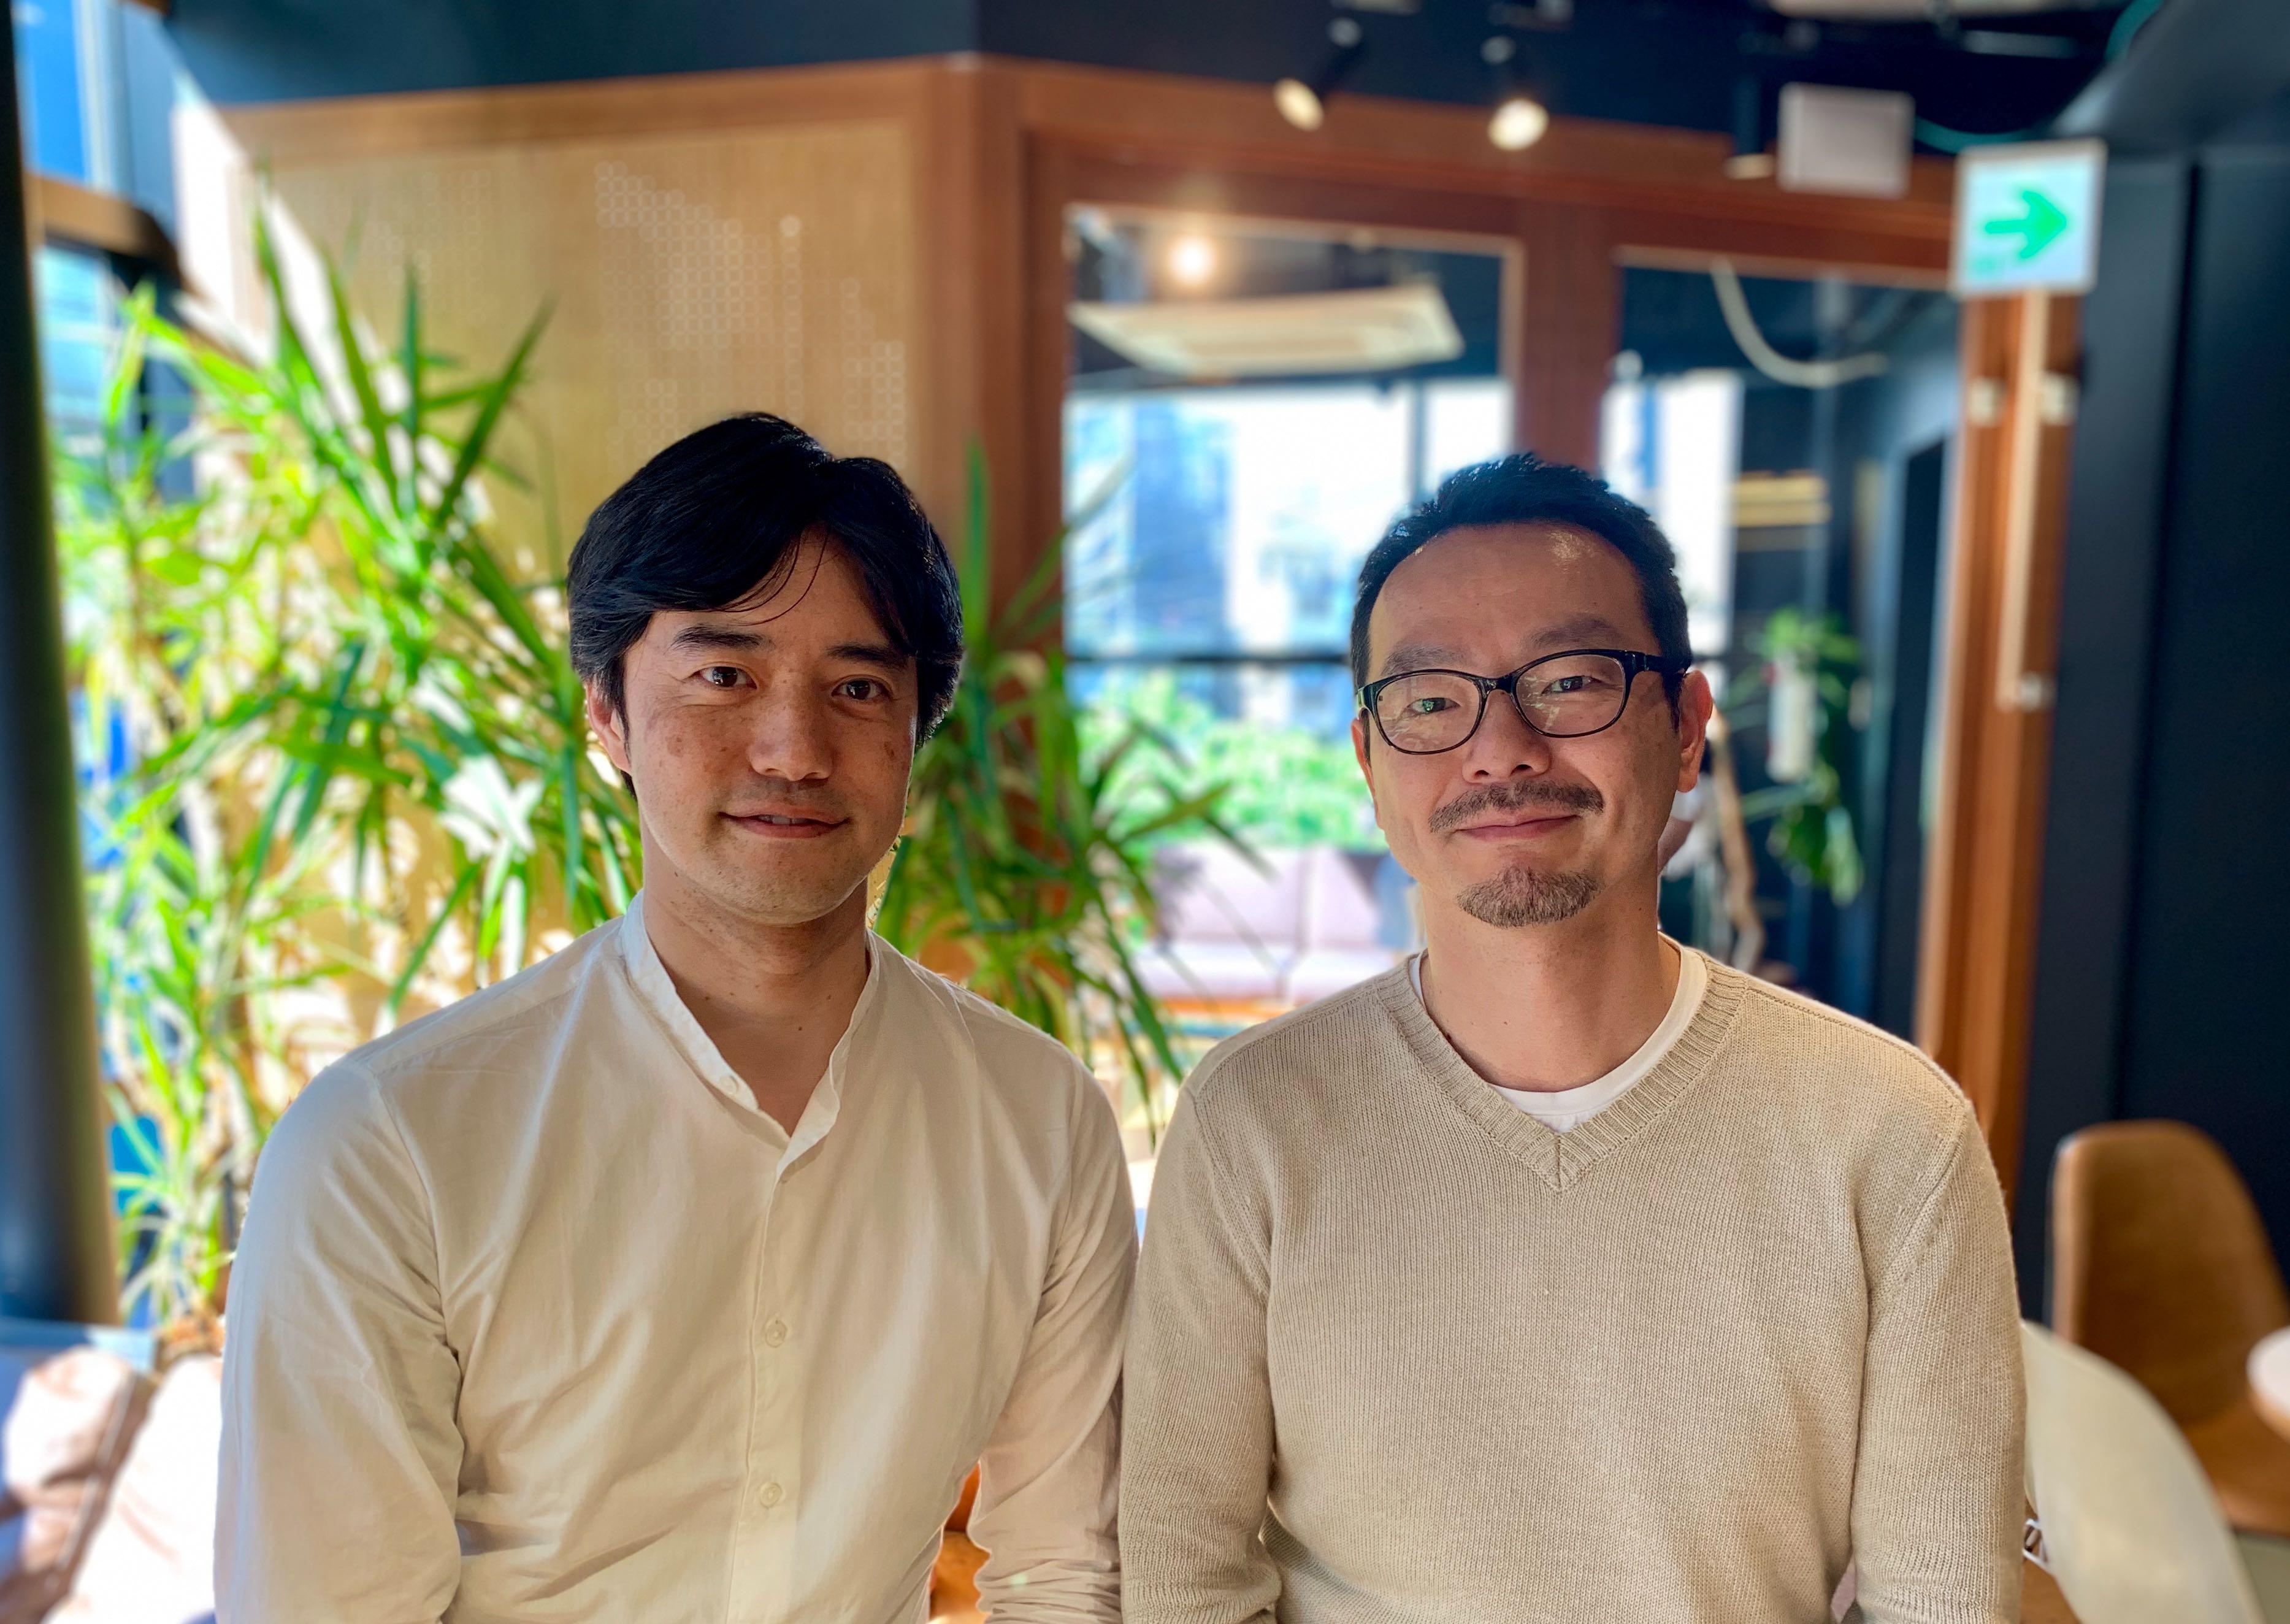 カフェ・カンパニーと外食産業向けプロダクトを共同研究開発開始。インテグレーションアドバイザーとして、中西章仁氏が就任